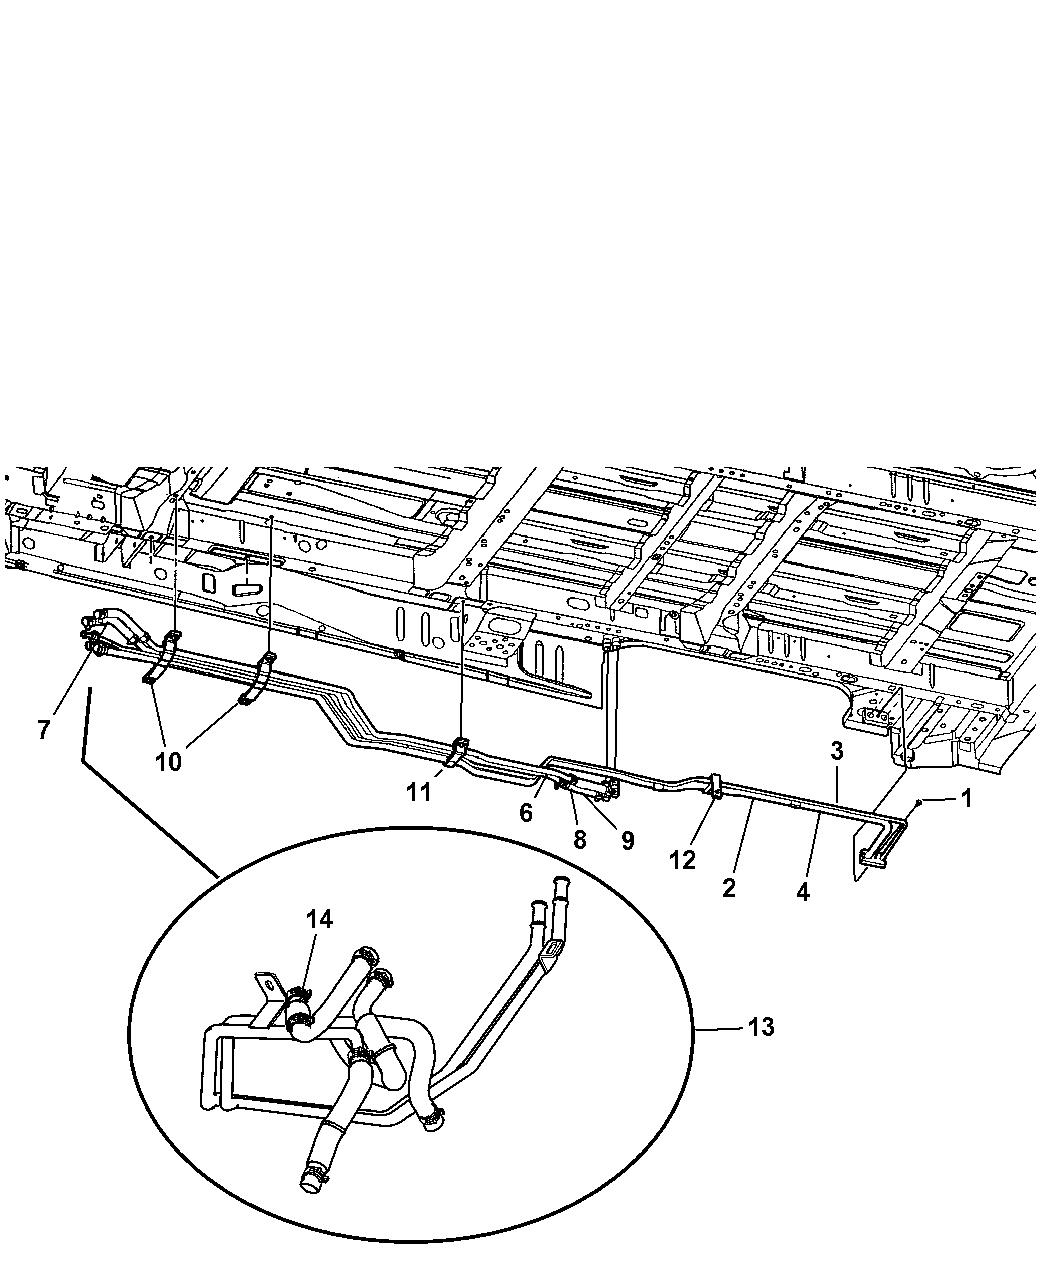 Dodge Grand Caravan Plumbing